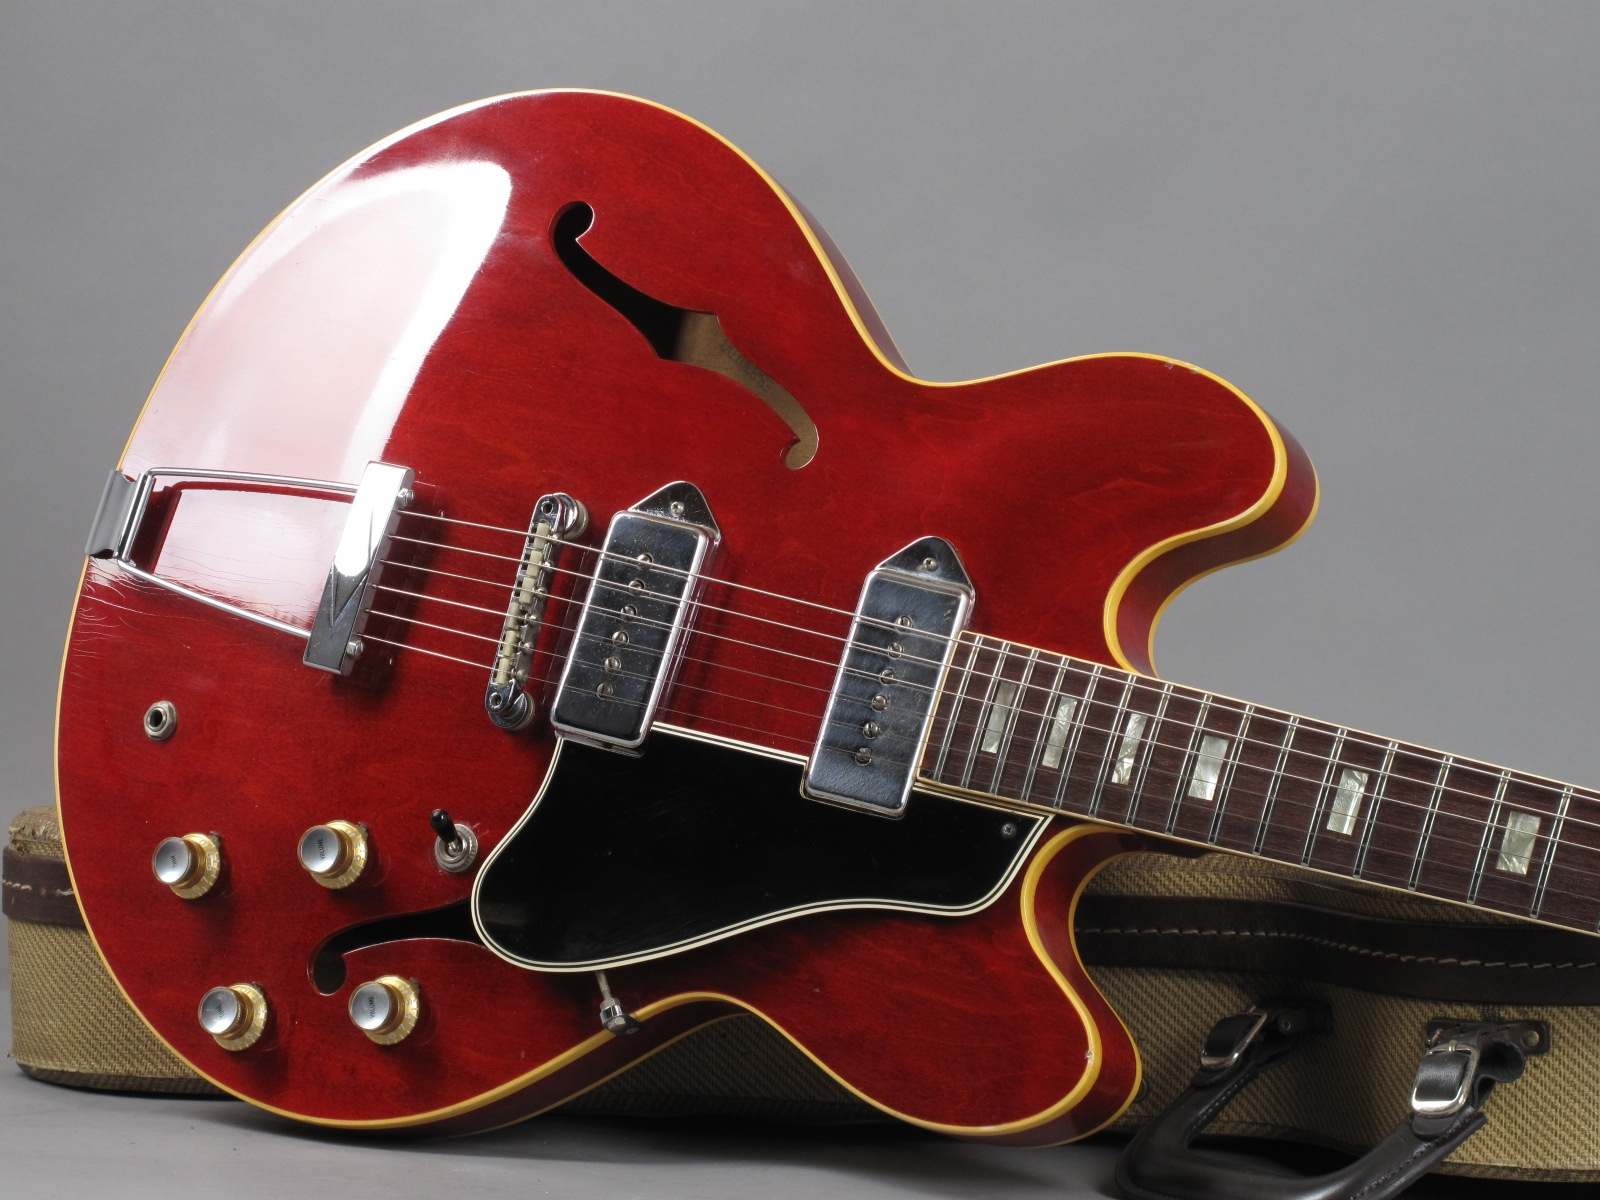 https://guitarpoint.de/app/uploads/products/1967-gibson-es-330td-cherry/1967-Gibson-ES-330TD-Cherry-330086_19.jpg